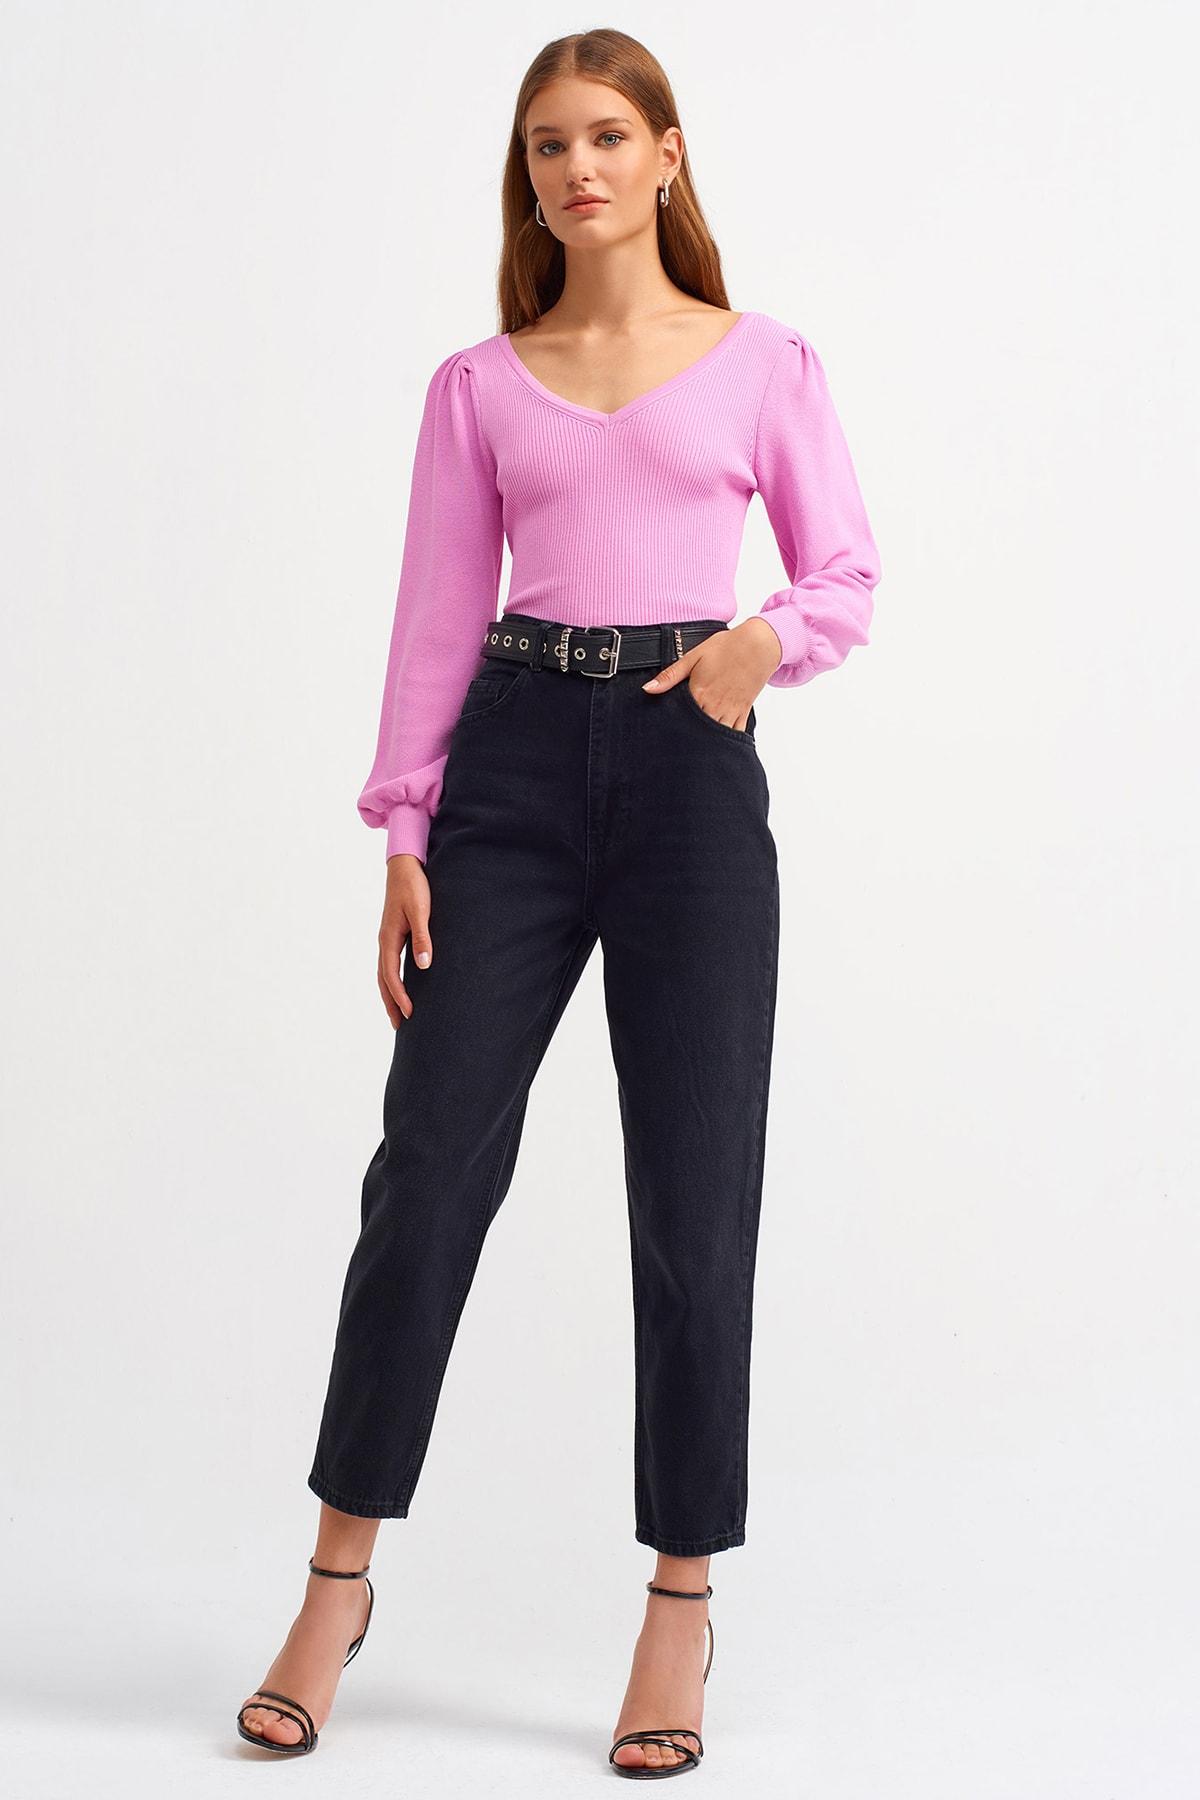 Dilvin Kadın Siyah Yüksel Bel Eskitmeli Mom Jeans 1